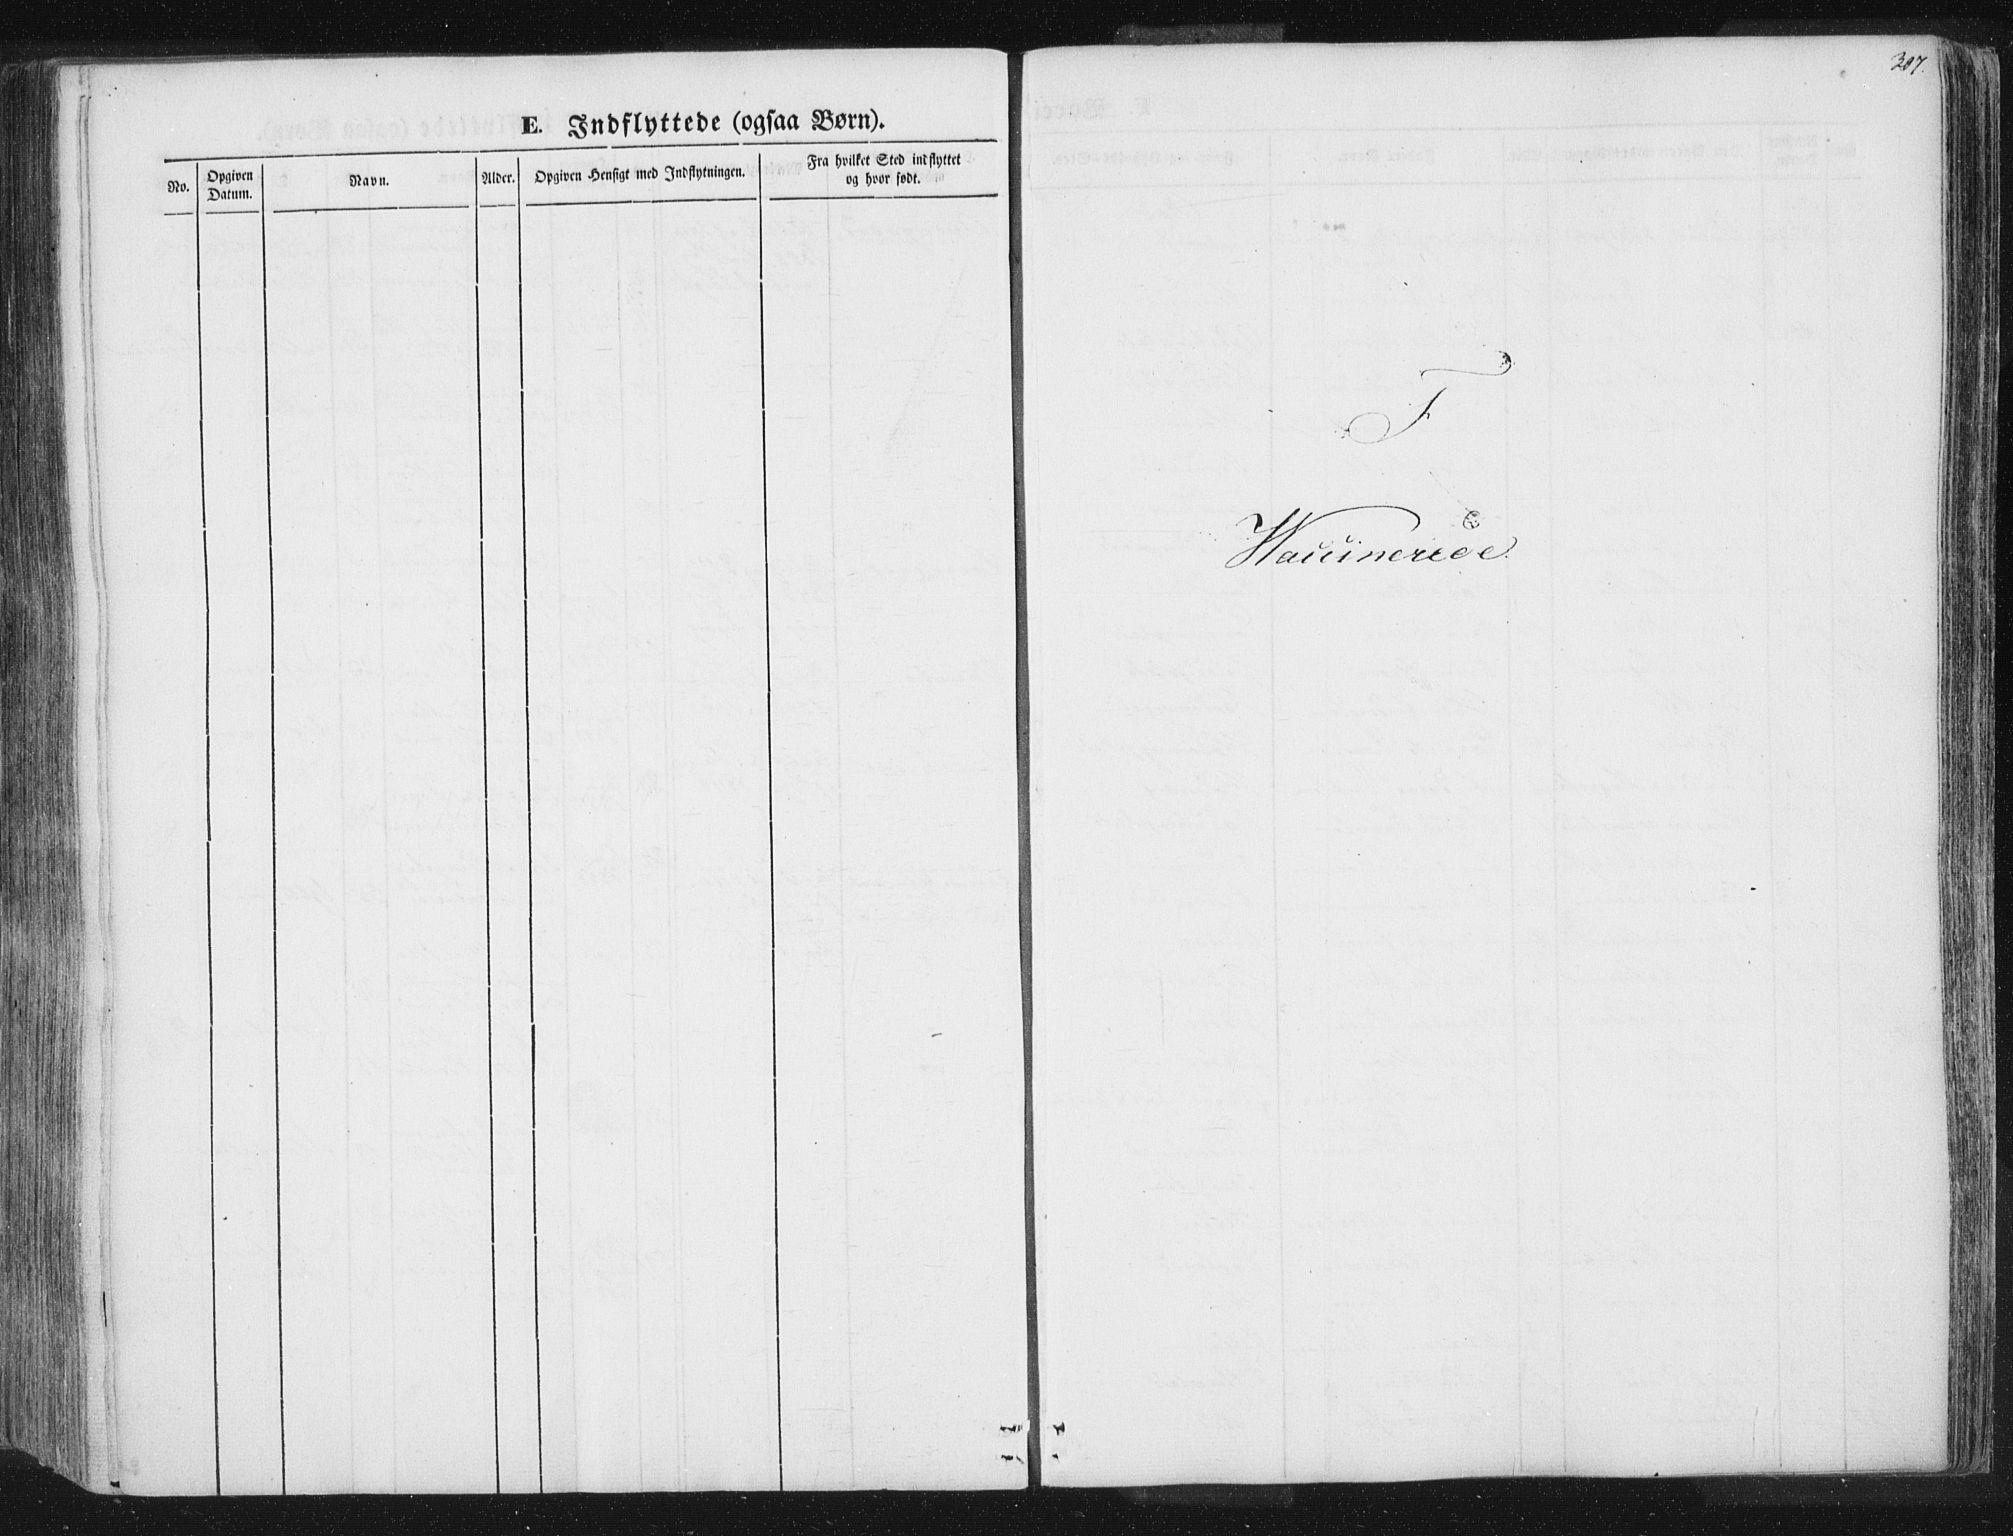 SAT, Ministerialprotokoller, klokkerbøker og fødselsregistre - Nord-Trøndelag, 741/L0392: Ministerialbok nr. 741A06, 1836-1848, s. 307